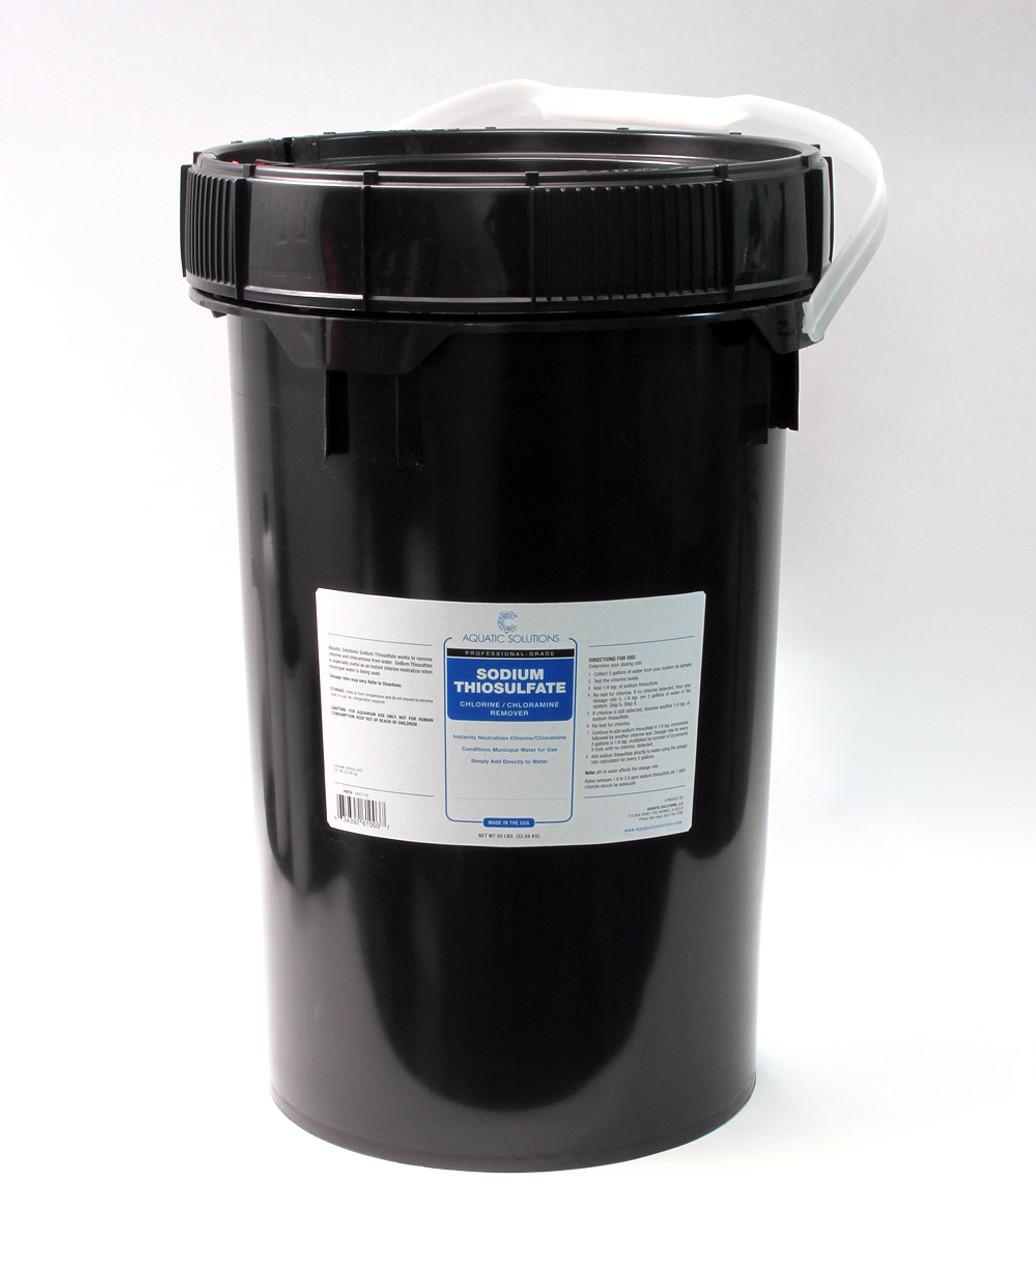 Aquatic Solutions Sodium Thiosulfate 10 lb Bucket (ASST-10)